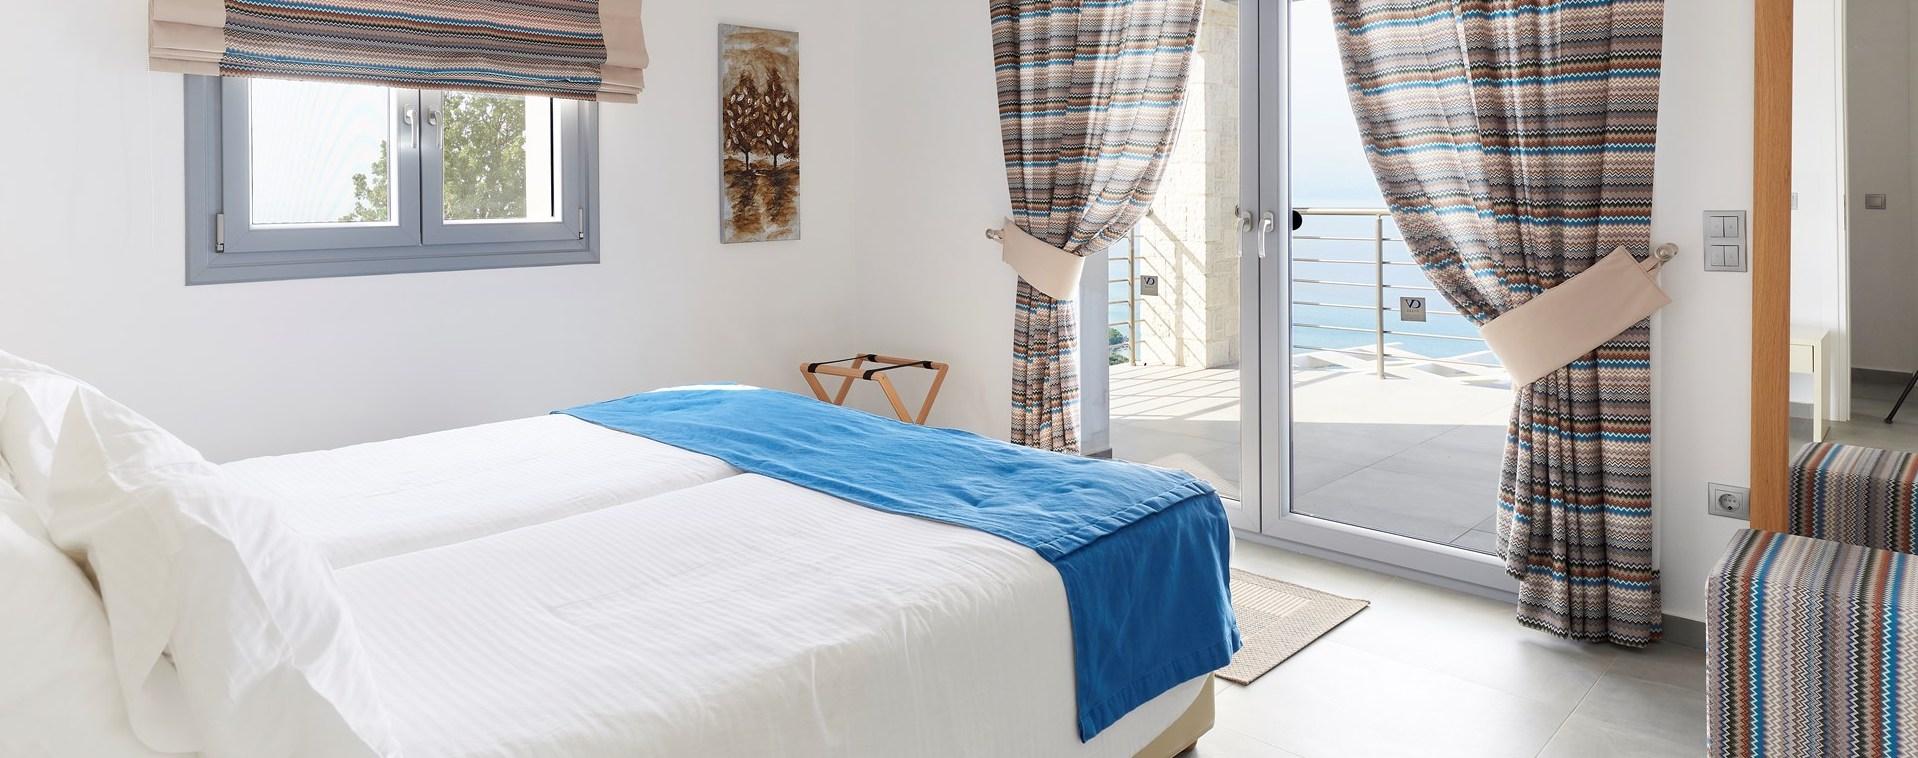 corfu-villa-double-bedroom